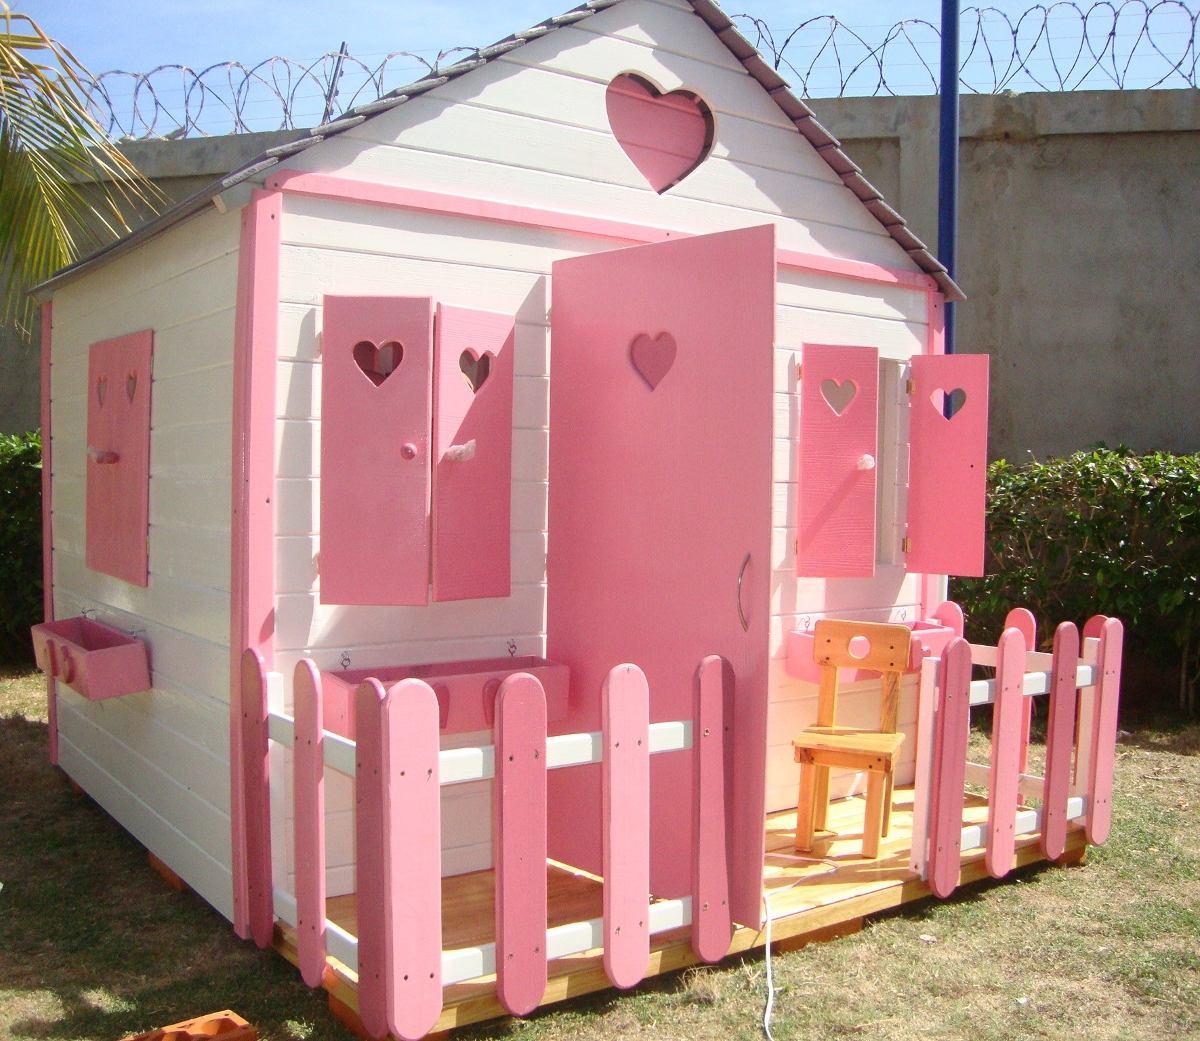 Casa ni as juguete madera jardines parques guarder as bs for Casas de juguete para jardin baratas